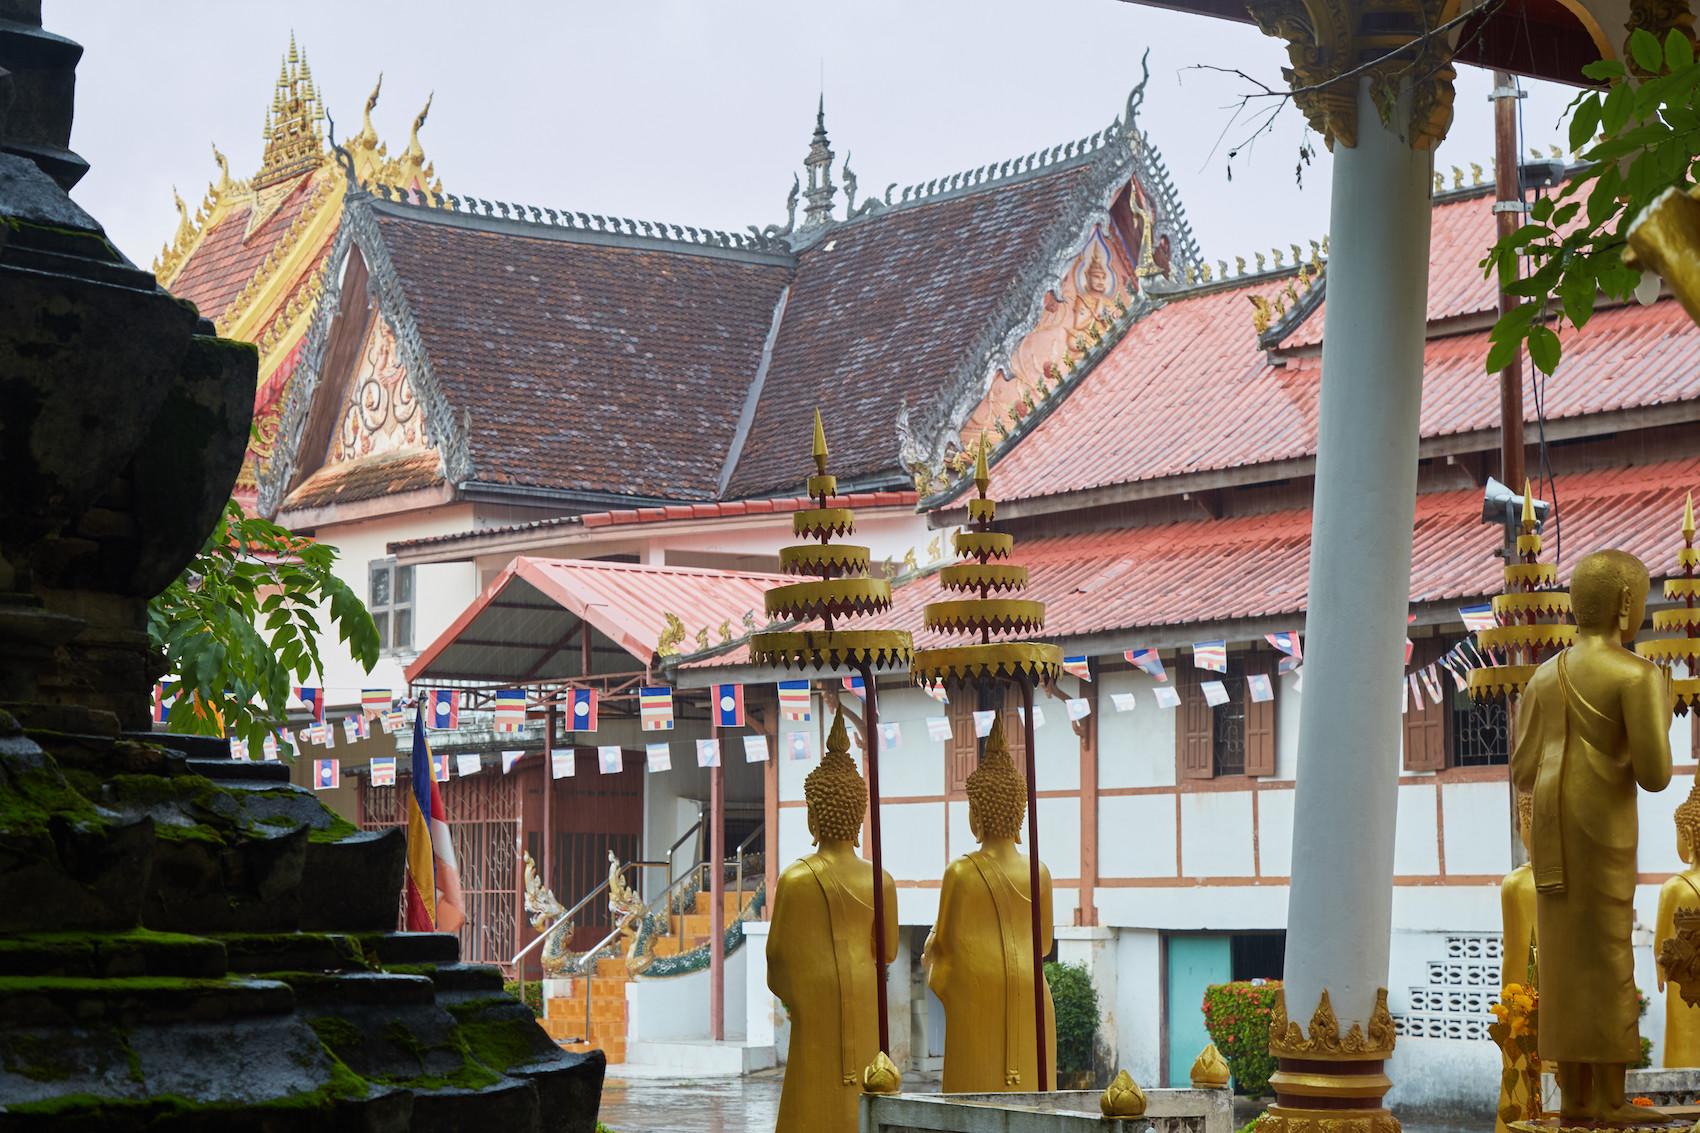 Wat Si Saket Courtyard